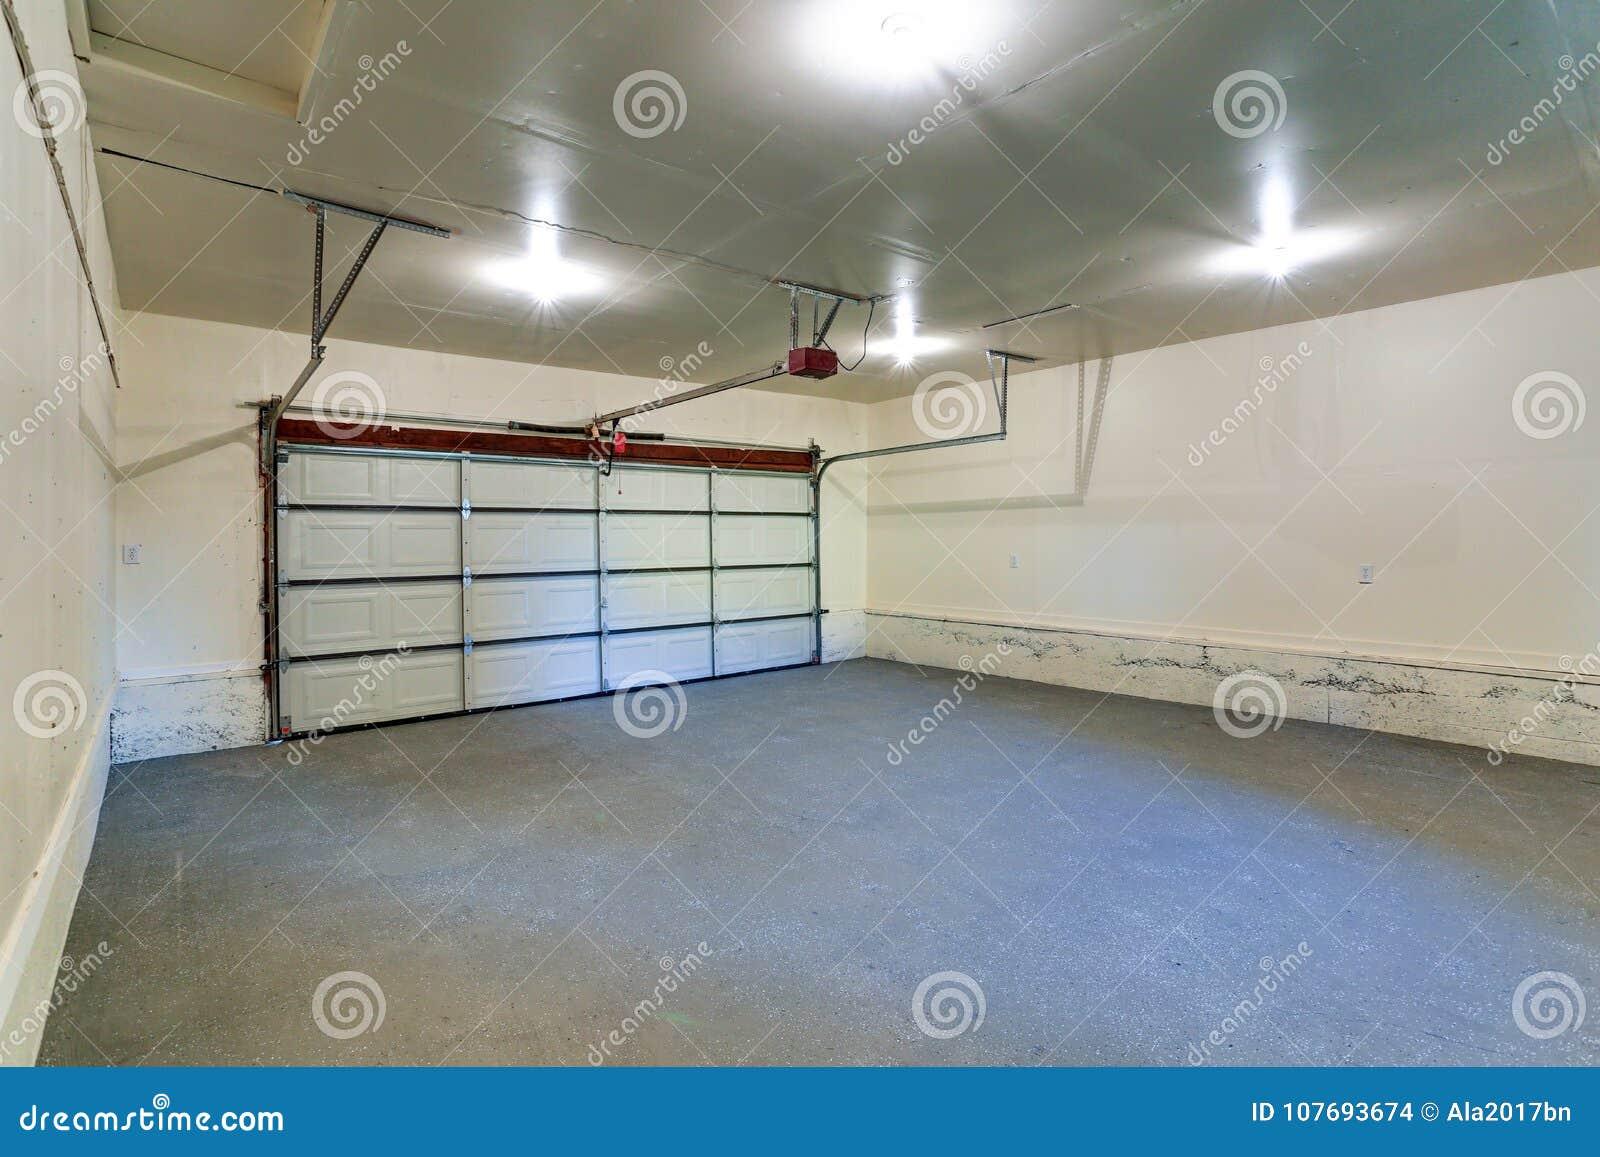 Download Innenraum Einer Leeren Sauberen Garage Mit Geschlossener Tür  Stockfoto   Bild Von Innen, Zustand